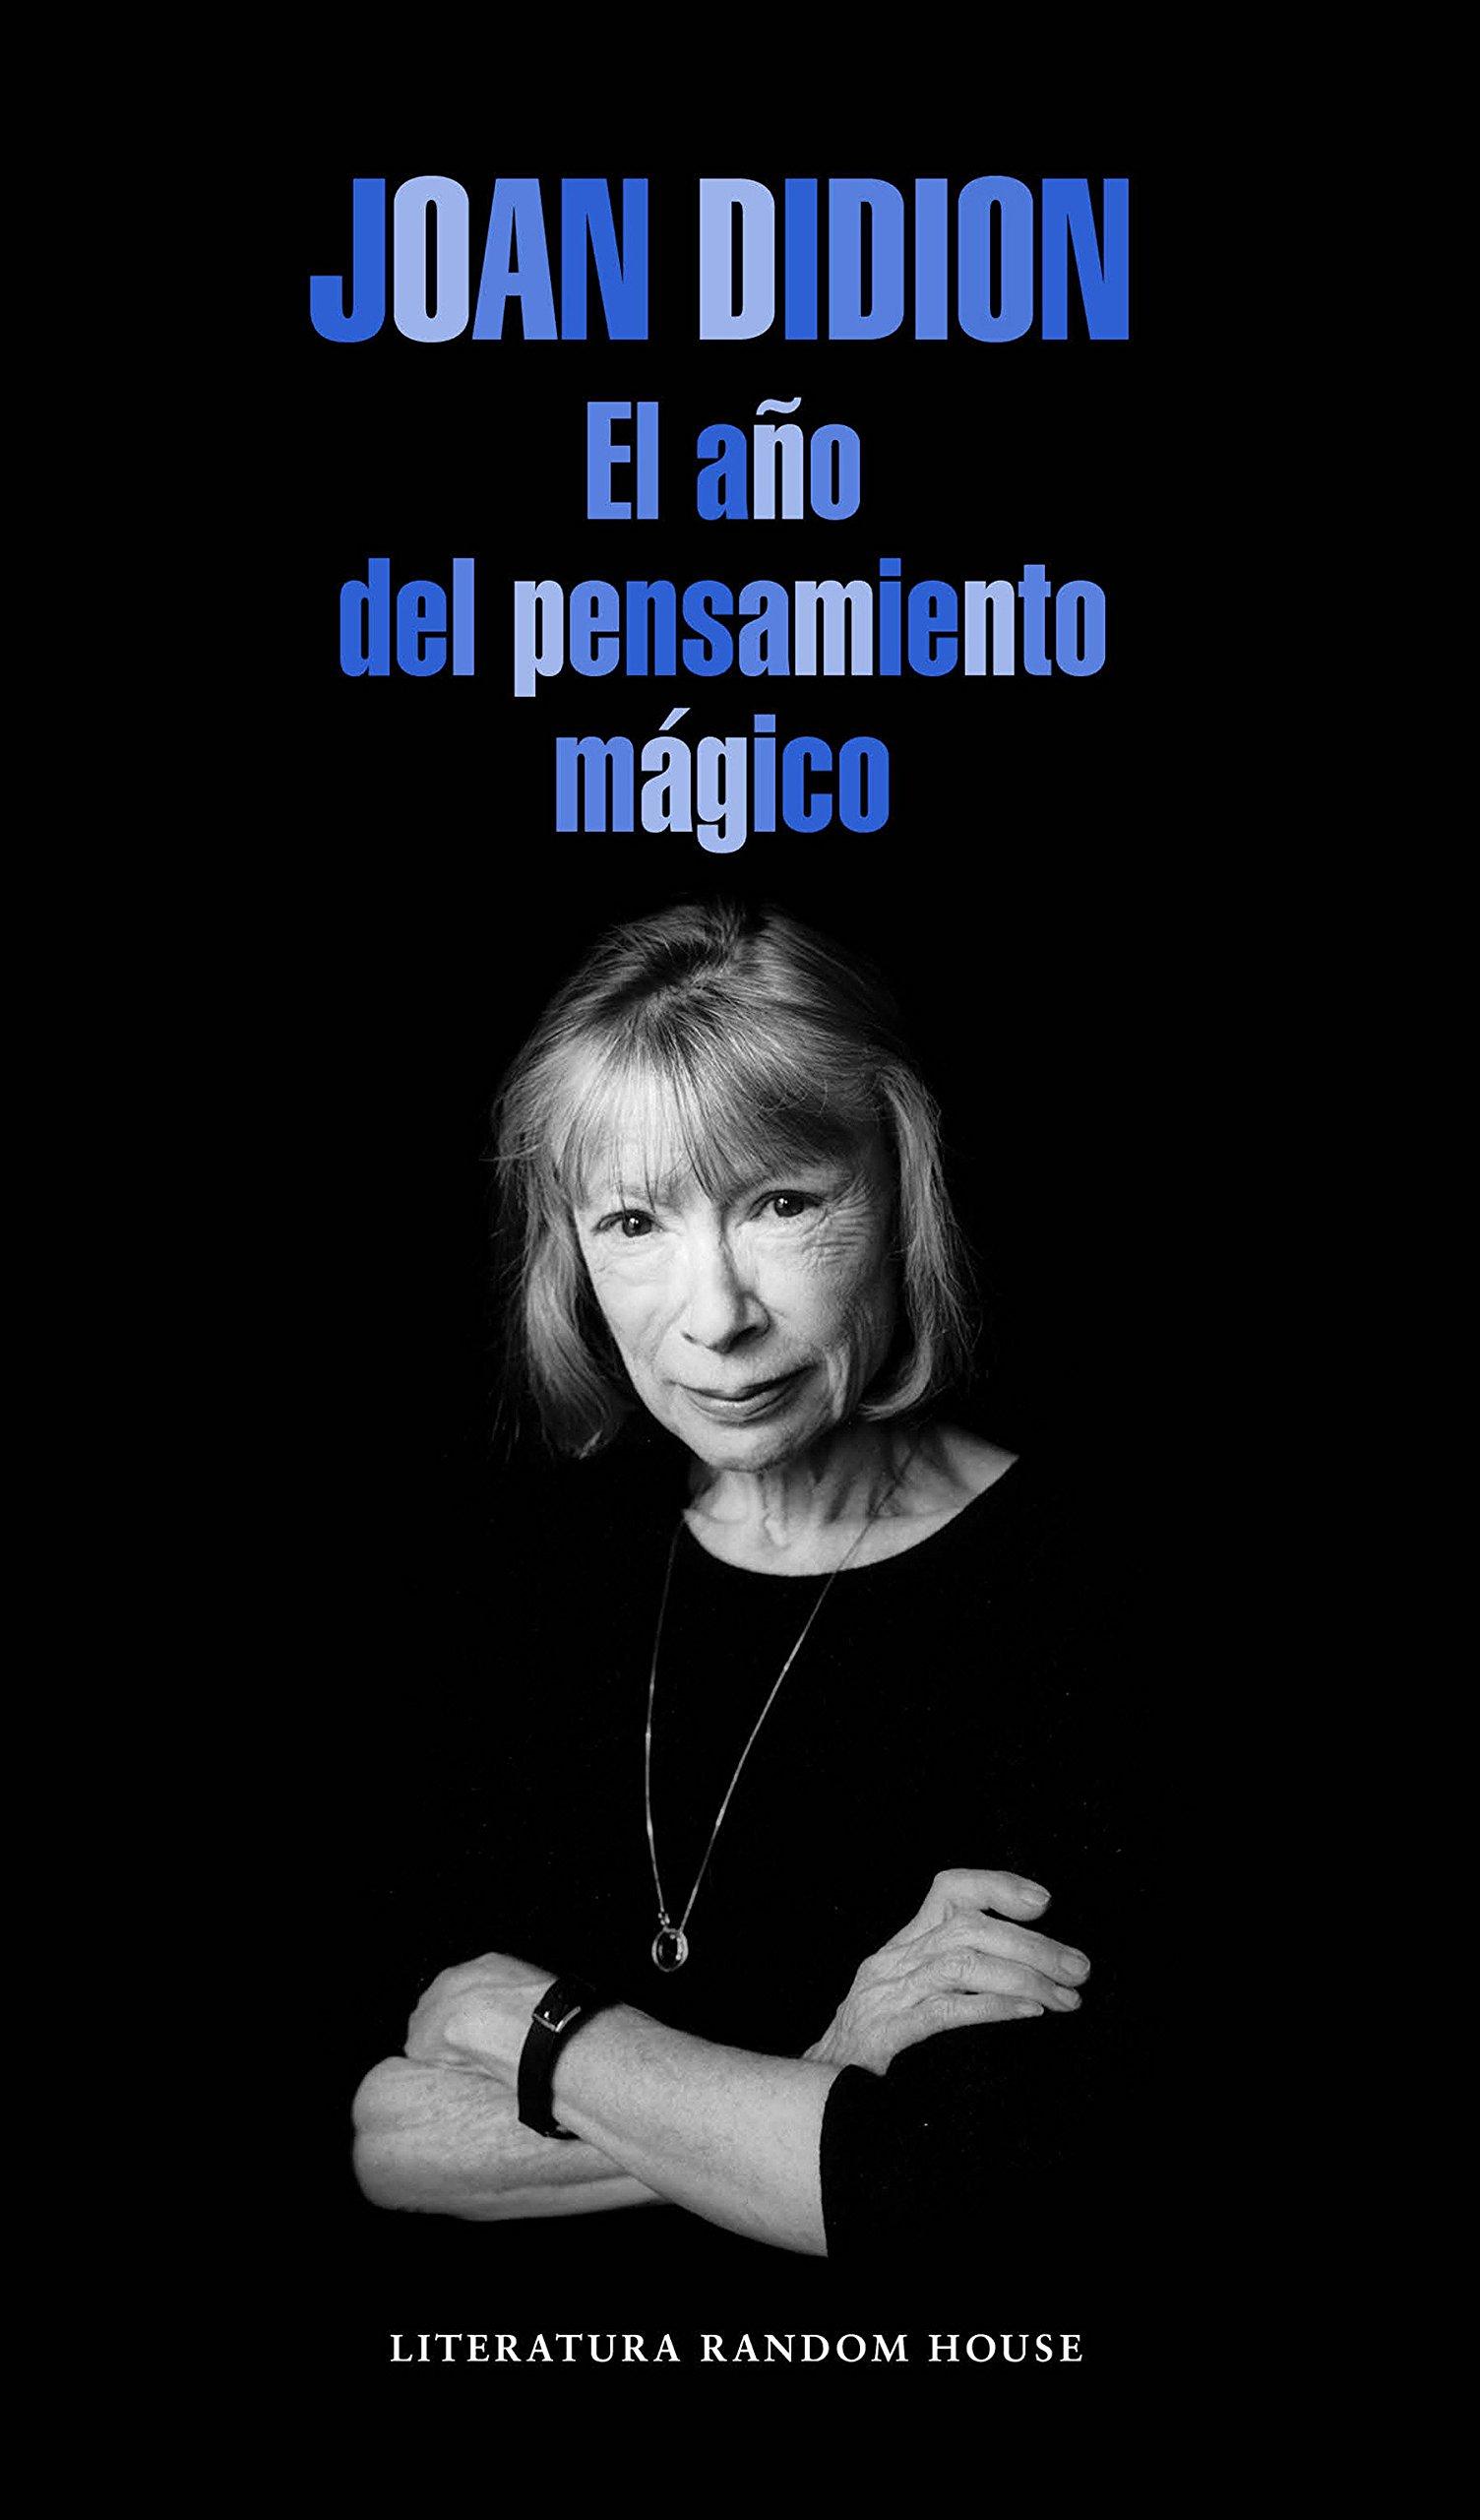 El año del pensamiento mágico (Literatura Random House) Tapa blanda – 22 ene 2015 Joan Didion 8439729073 Joan - Marriage Dunne